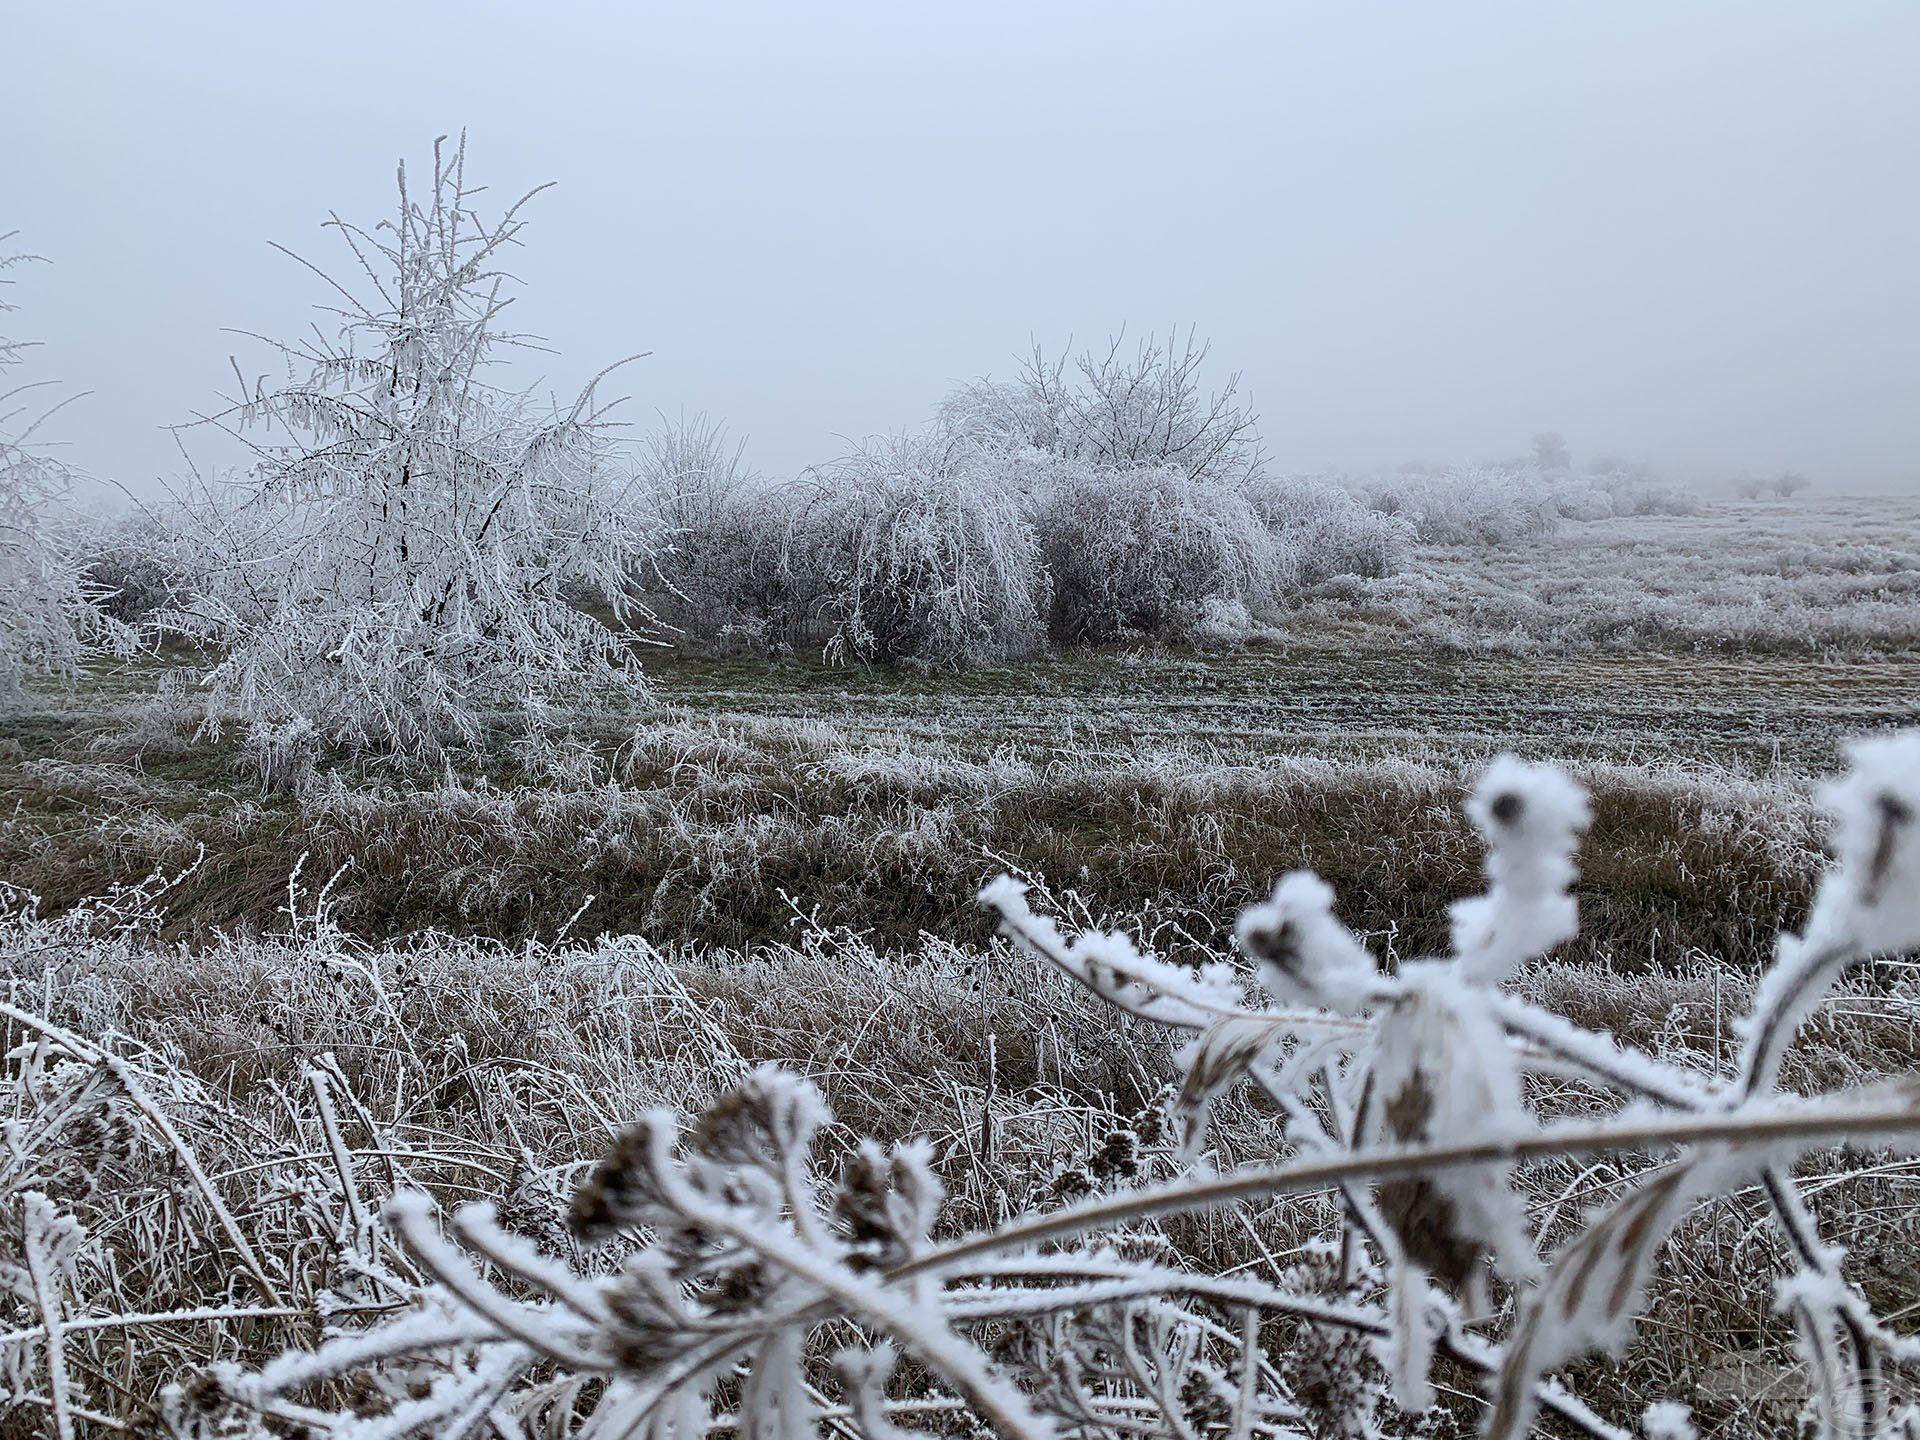 Január van, a tél közepén járunk